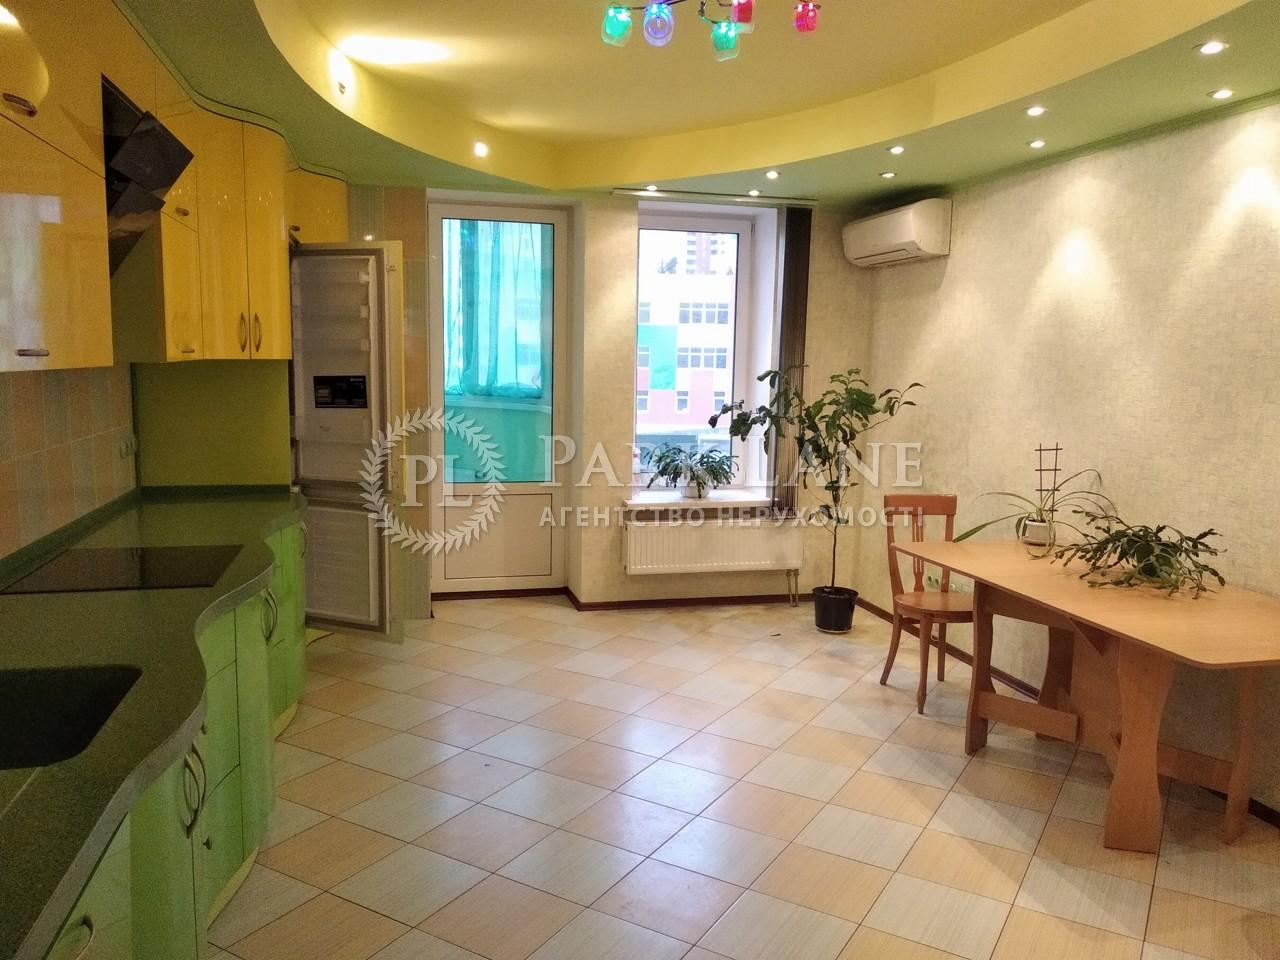 Квартира ул. Ломоносова, 54, Киев, Z-477471 - Фото 13